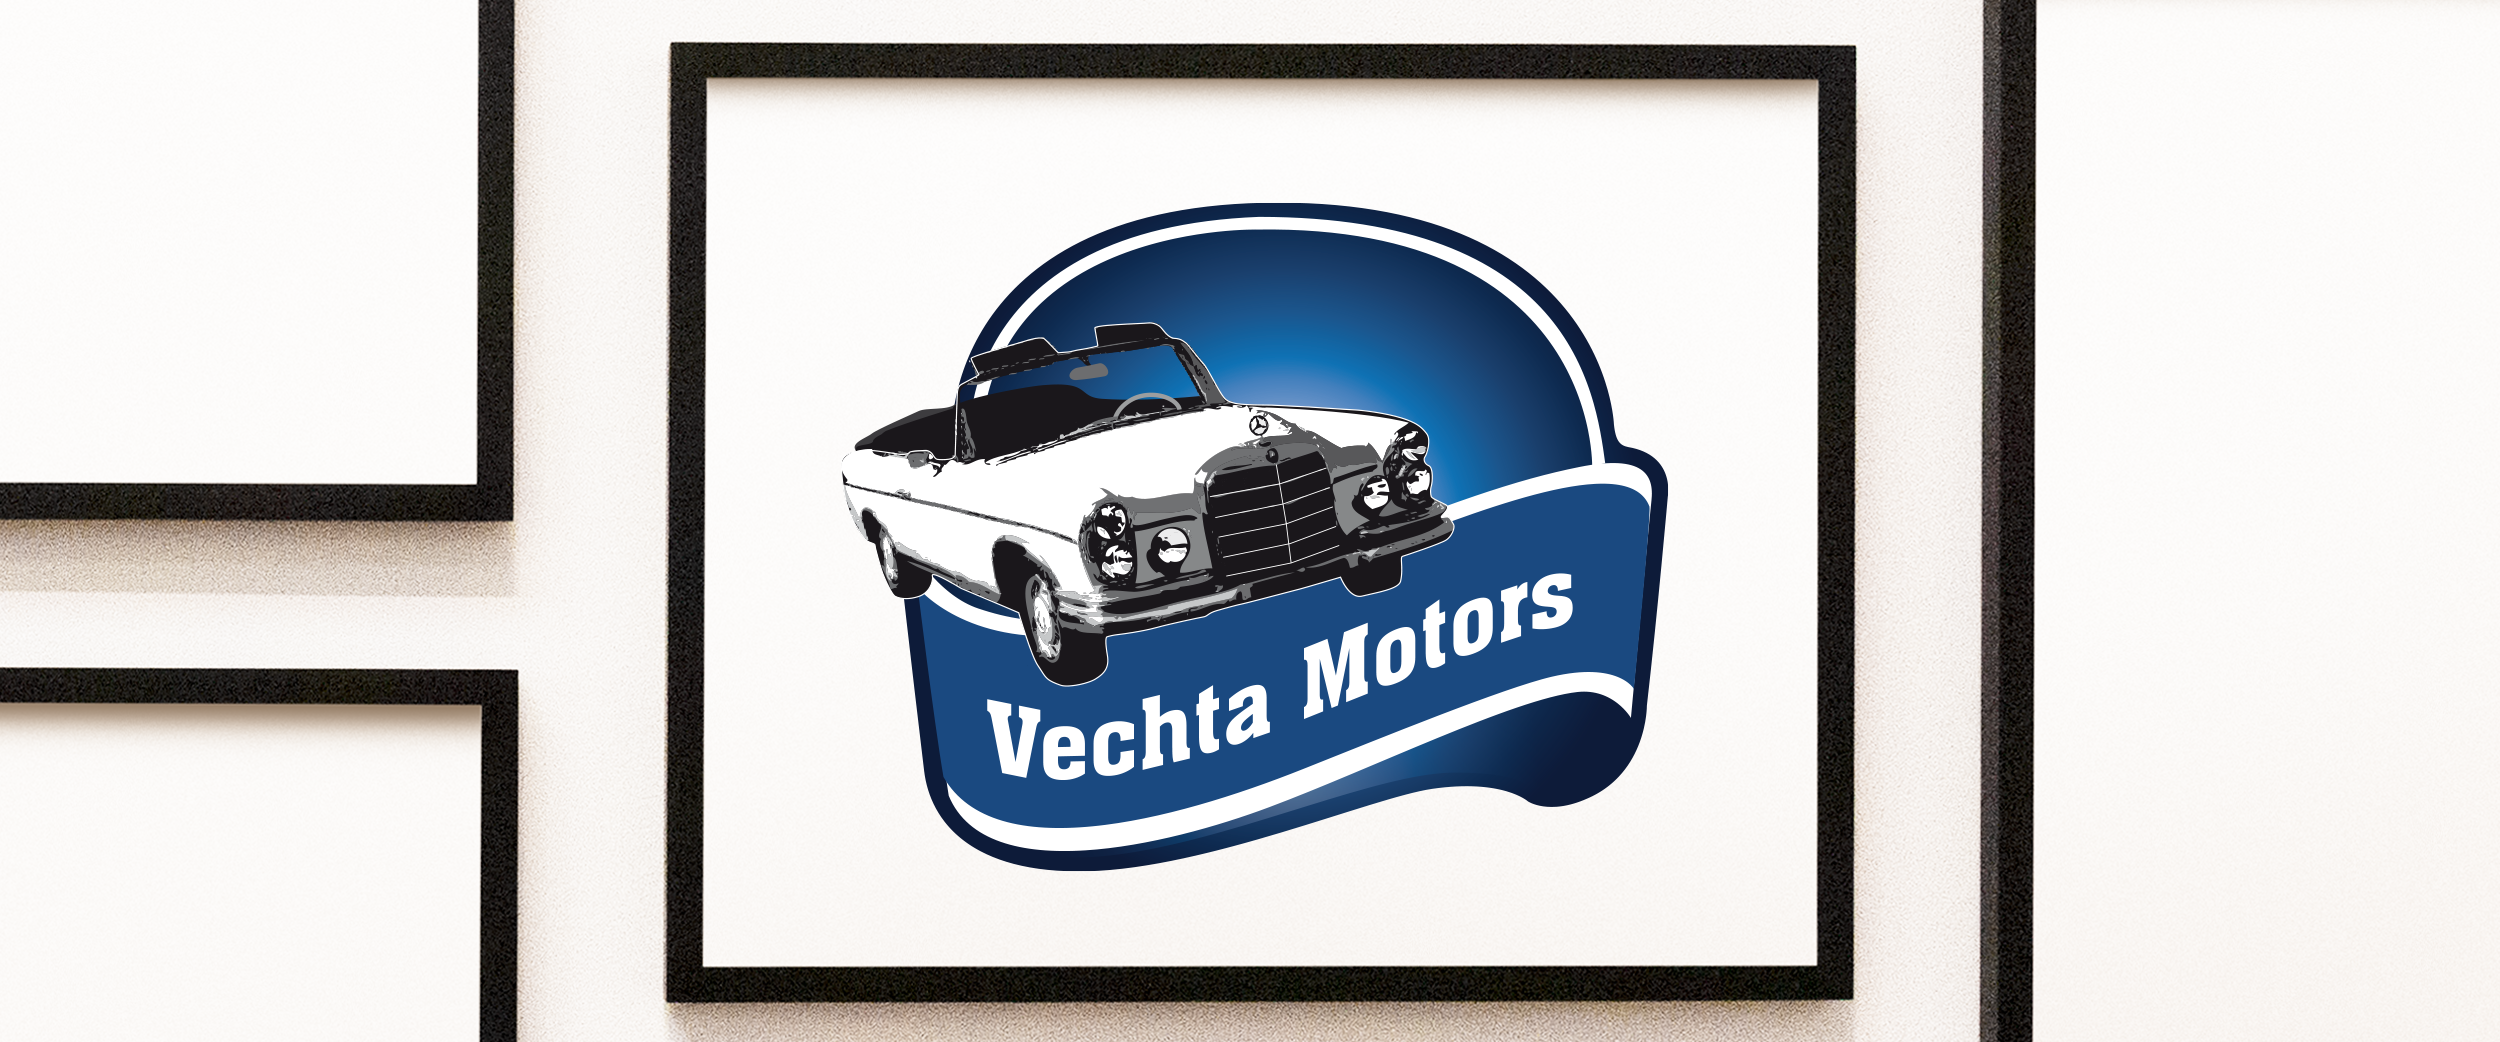 Vechta Motors